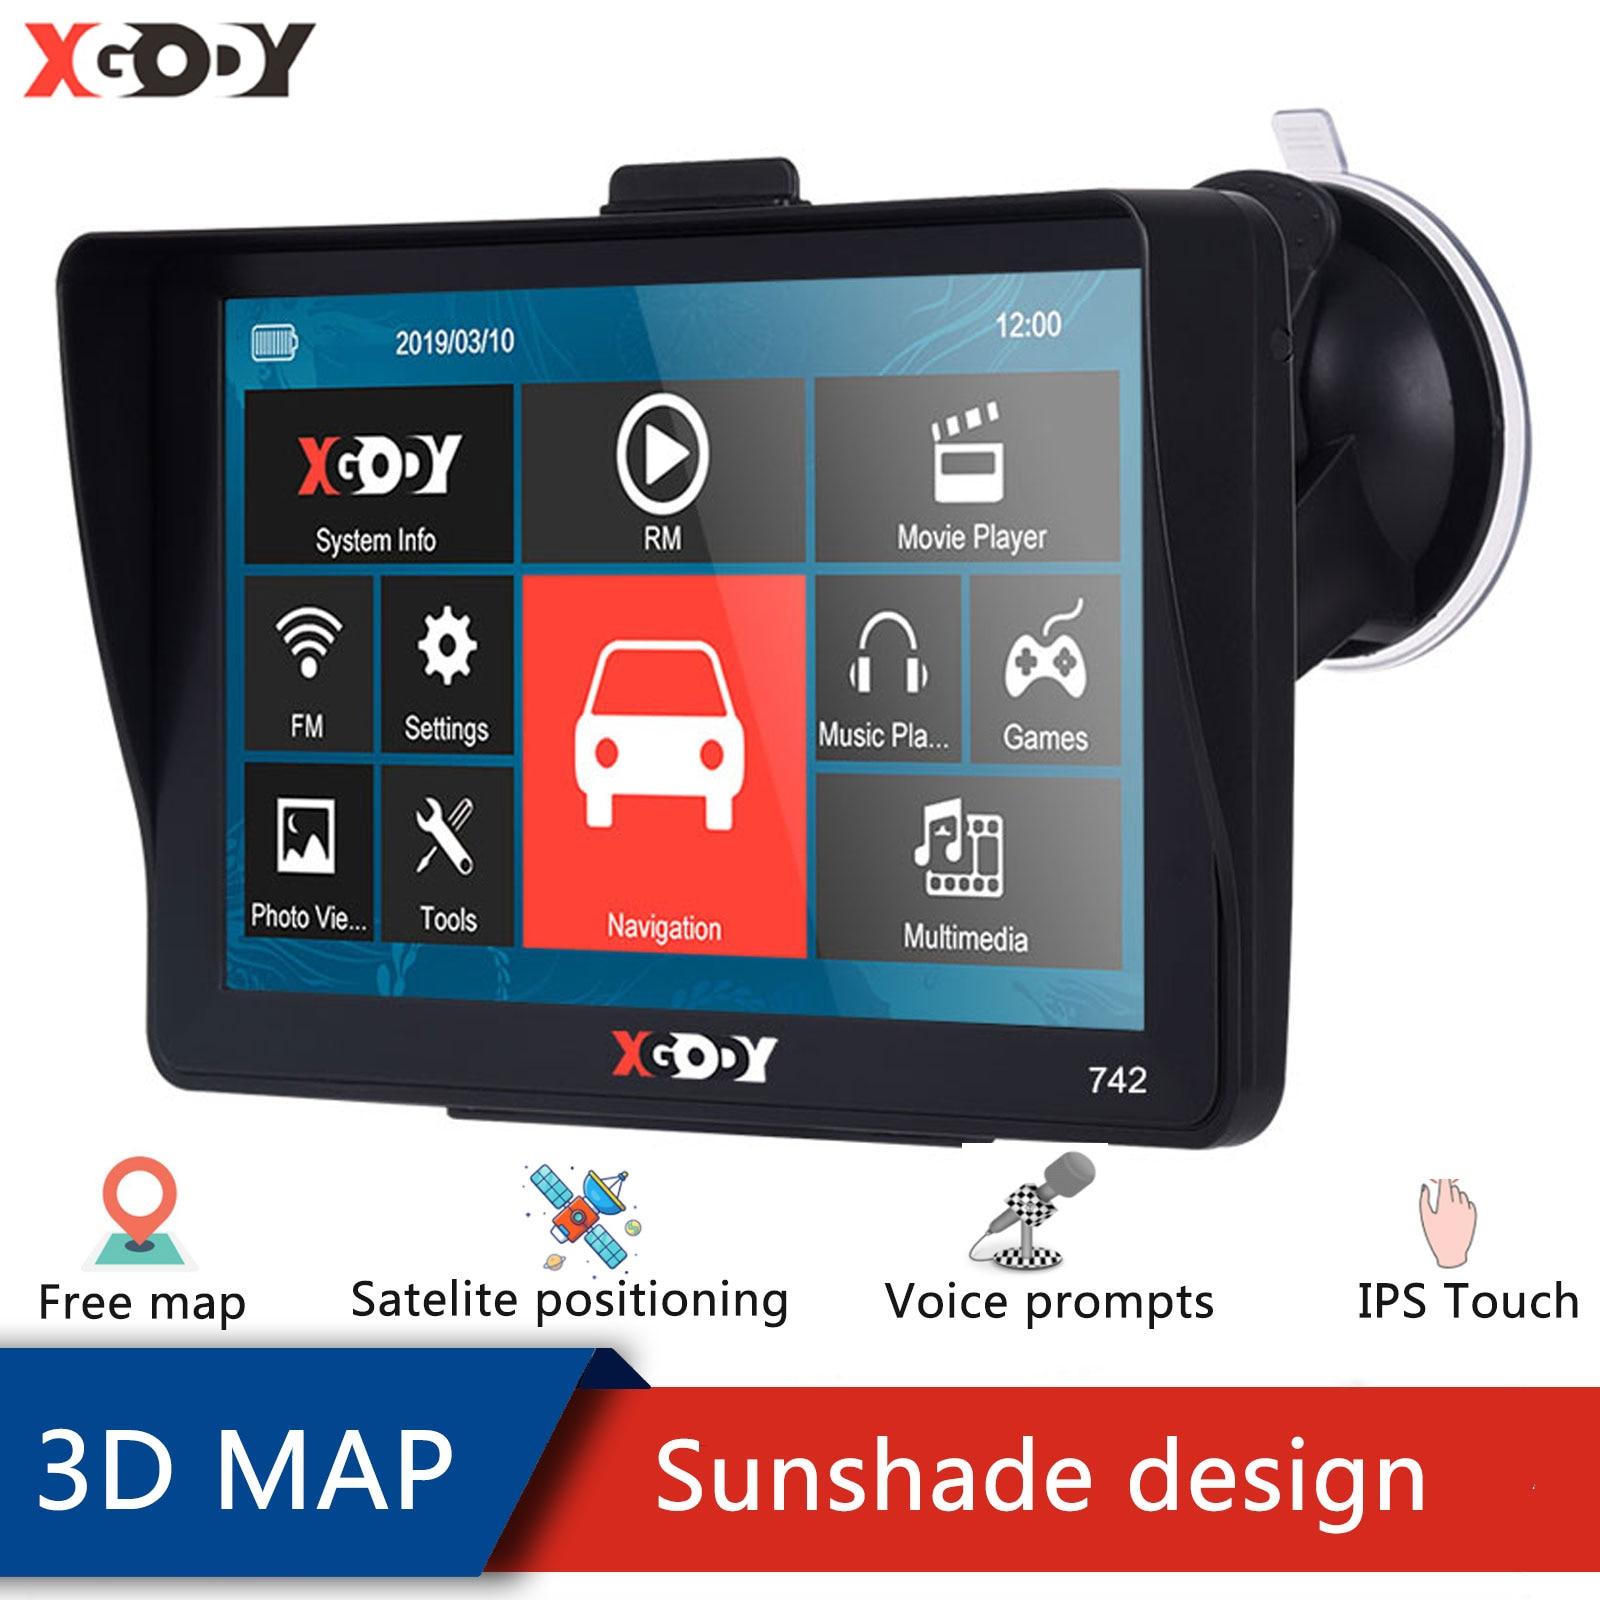 Xgody автомобиля GPS навигации 7 дюймов GPS 256 м + 8 Гб 742 для грузовых автомобилей, GPS автомобильный навигатор спутниковой навигации Bluetooth Сенсорный...